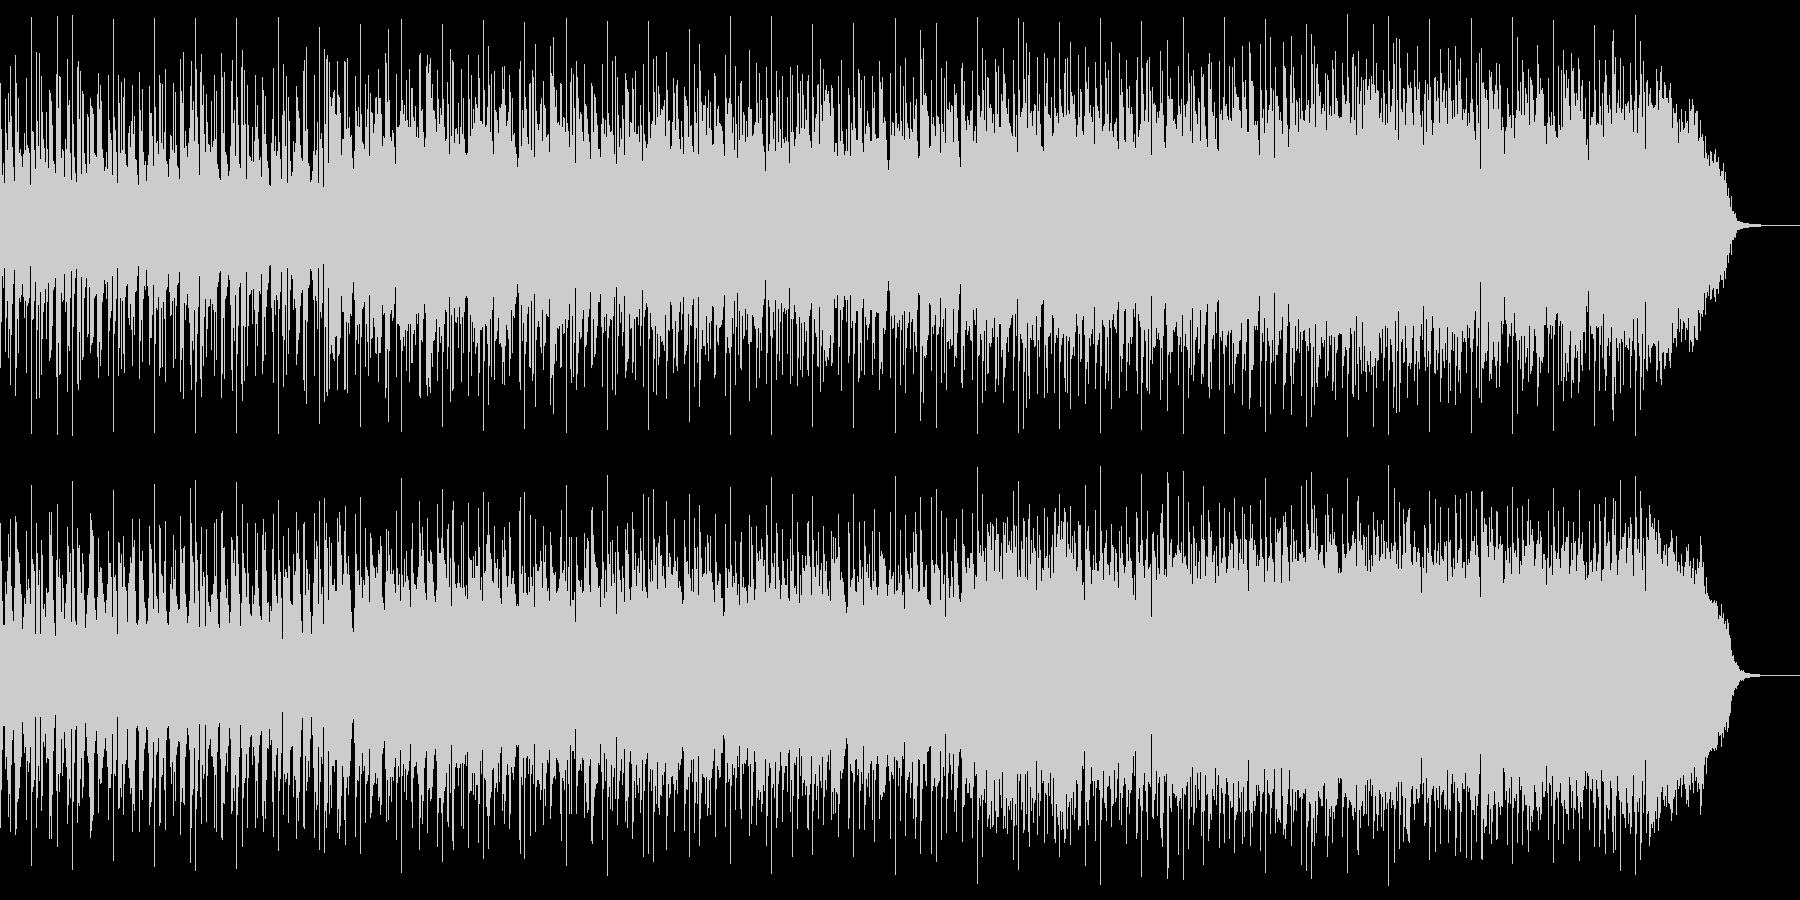 ほのぼのした雰囲気のエレクトロの未再生の波形